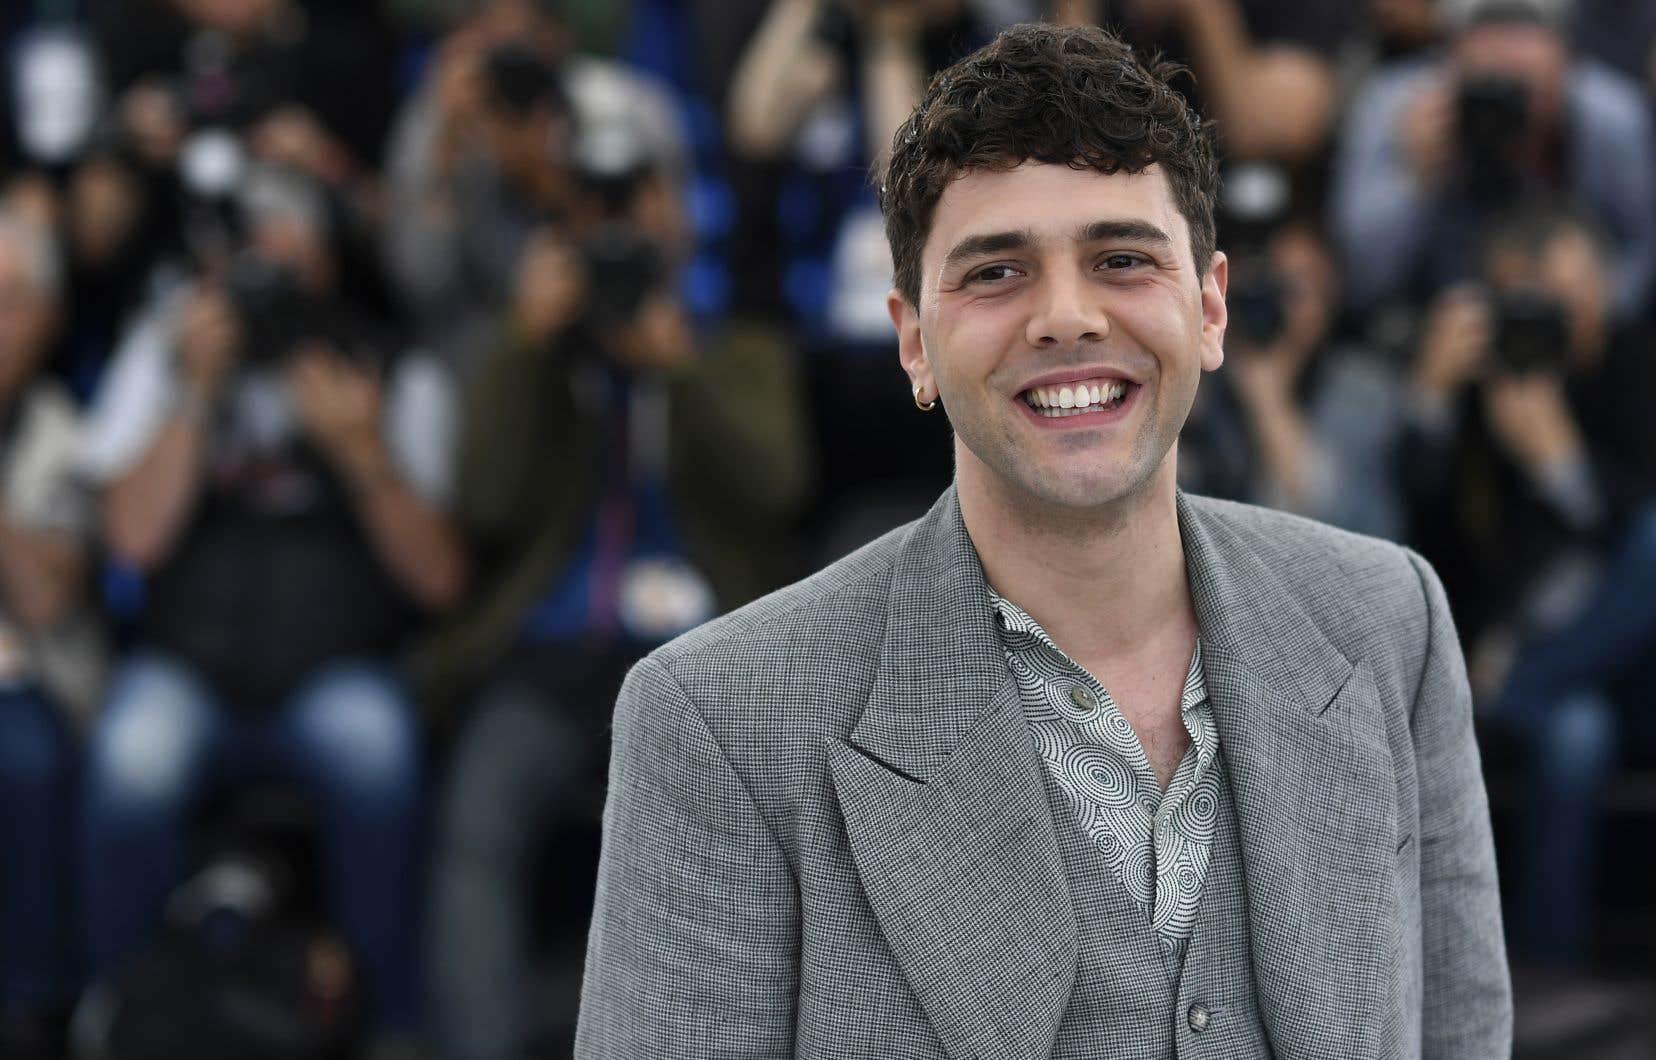 Le réalisateur québécois jouit d'une belle réputation en France, où ses oeuvres reçoivent un bon accueil.